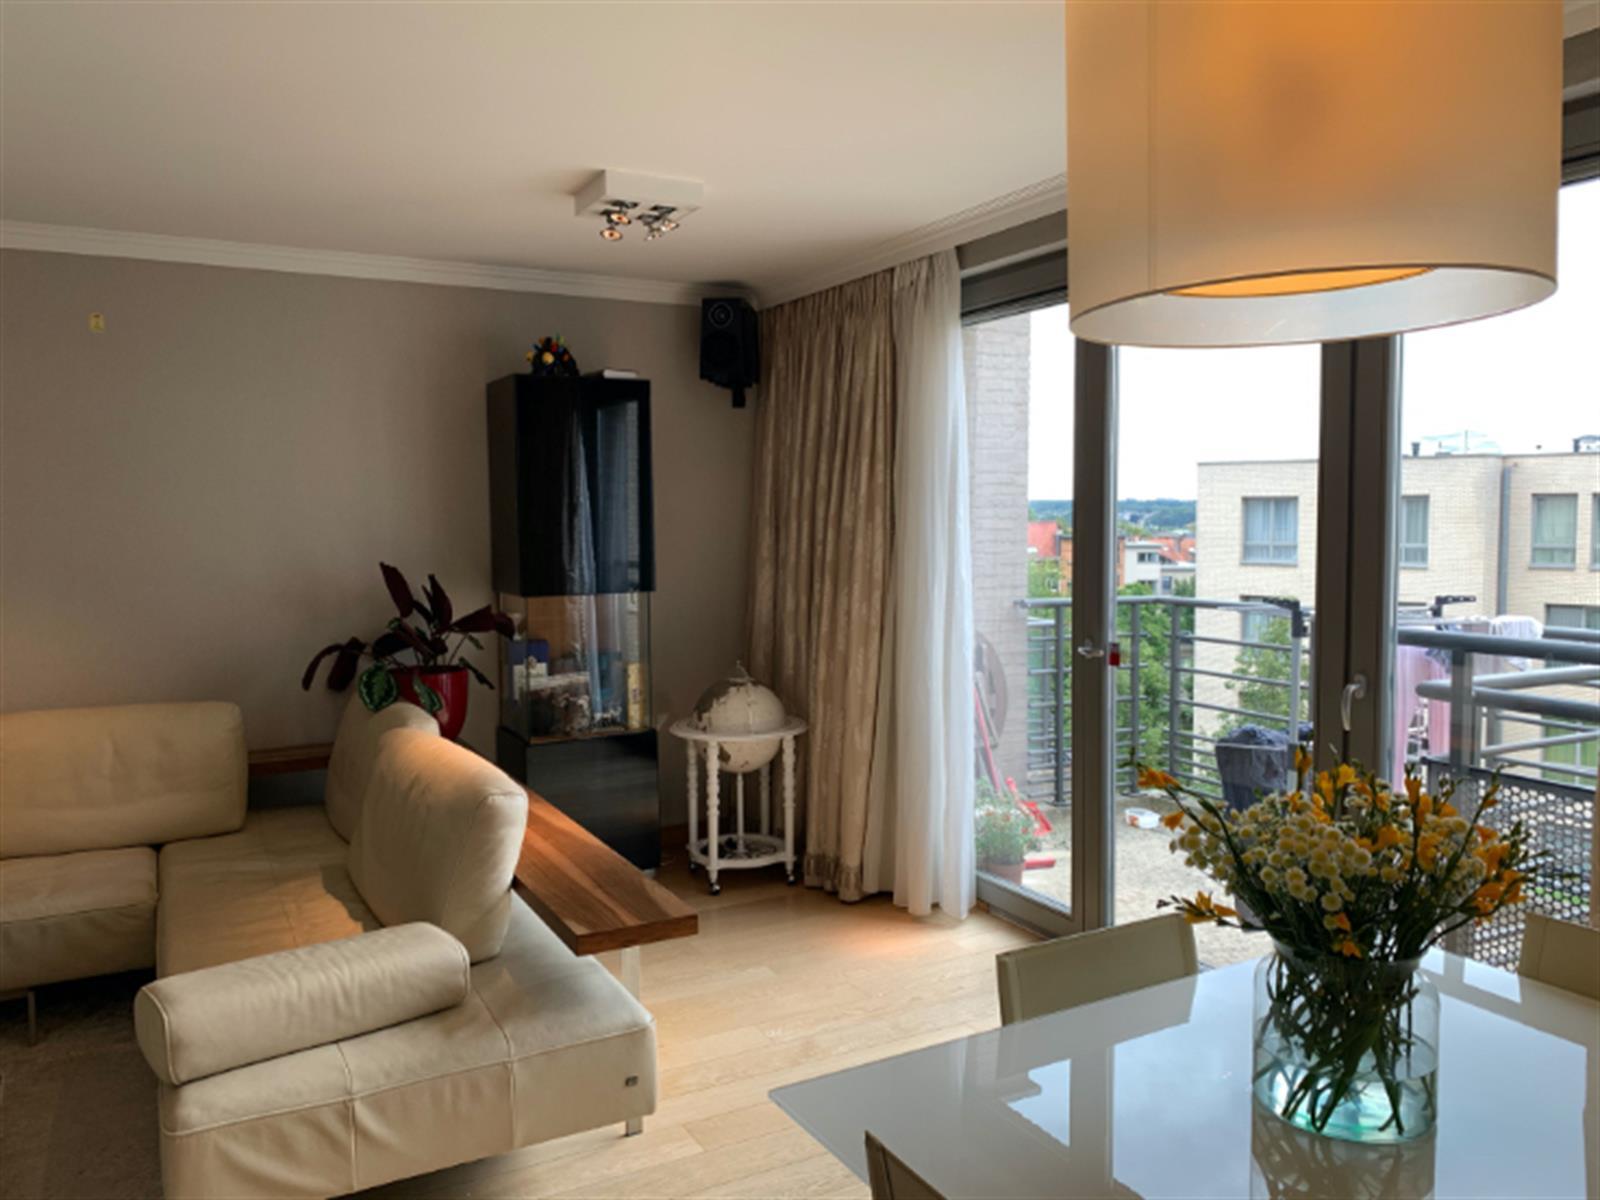 Penthouse - Auderghem - #4146959-1